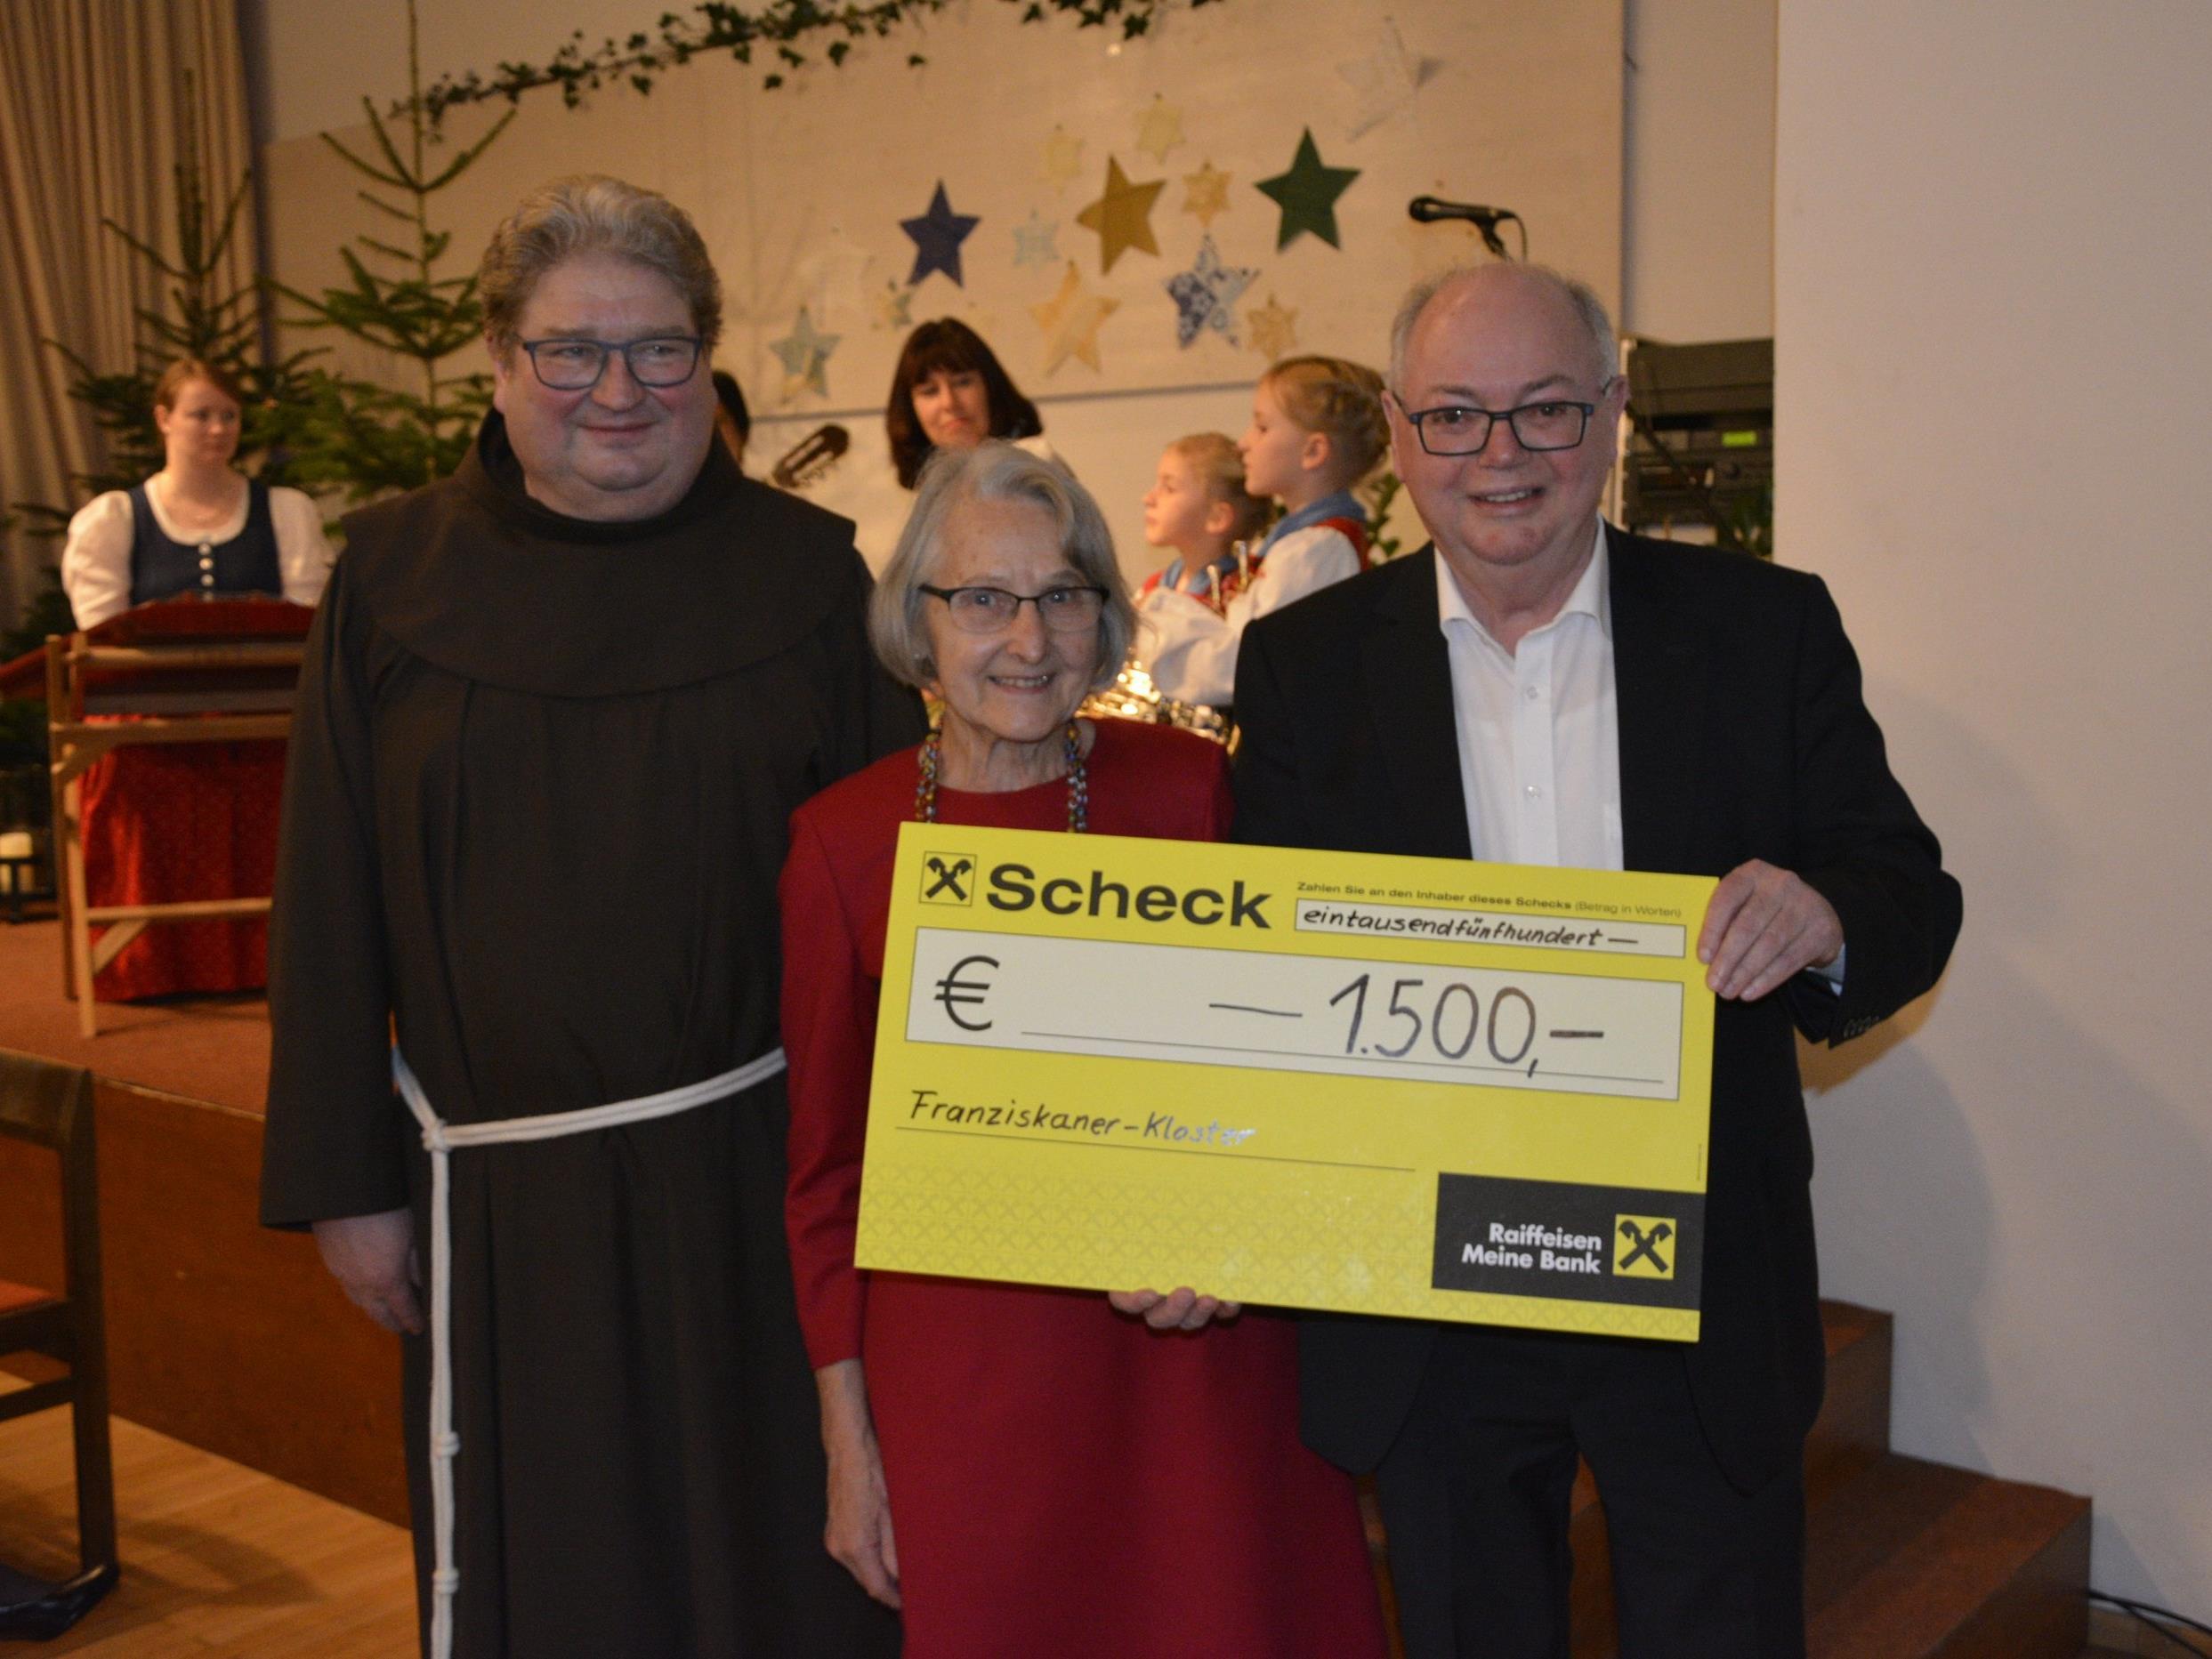 Feierliche Scheckübergabe zugunsten des Dornbirner Klosters.